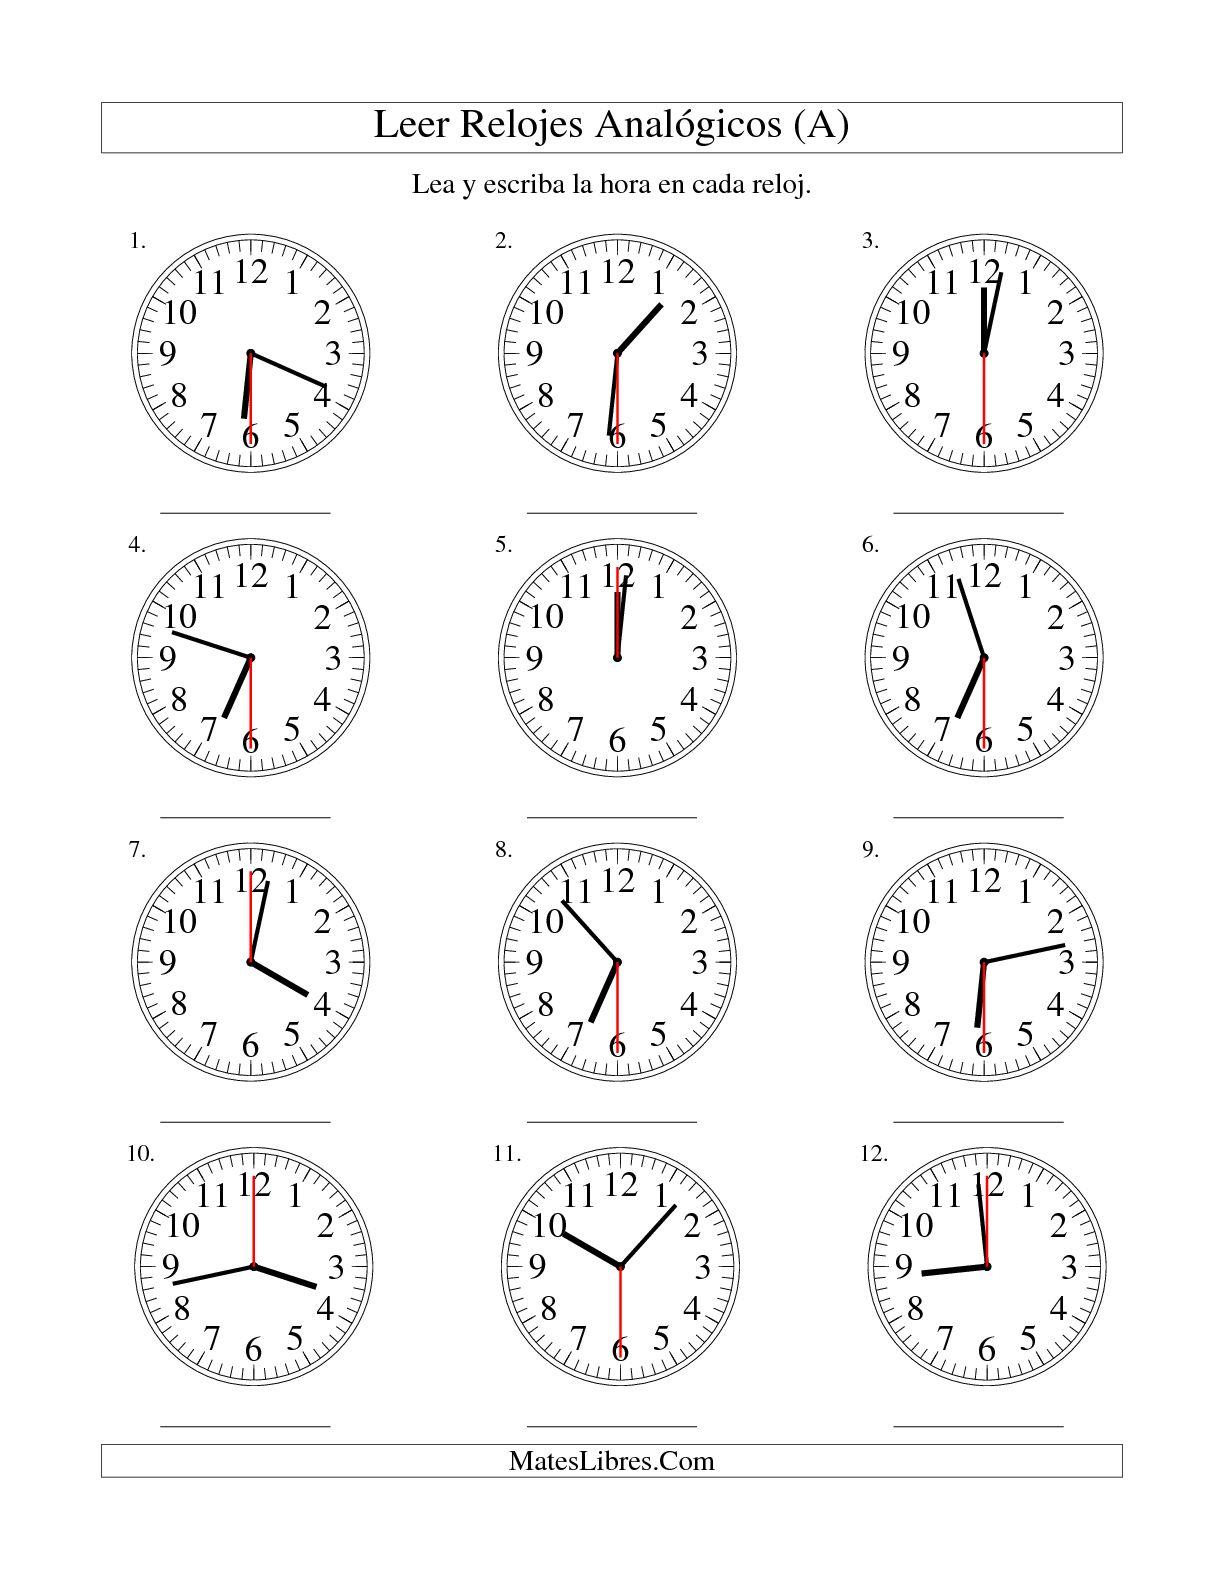 Leer La Hora En Un Relojogico En Intervalos De 30